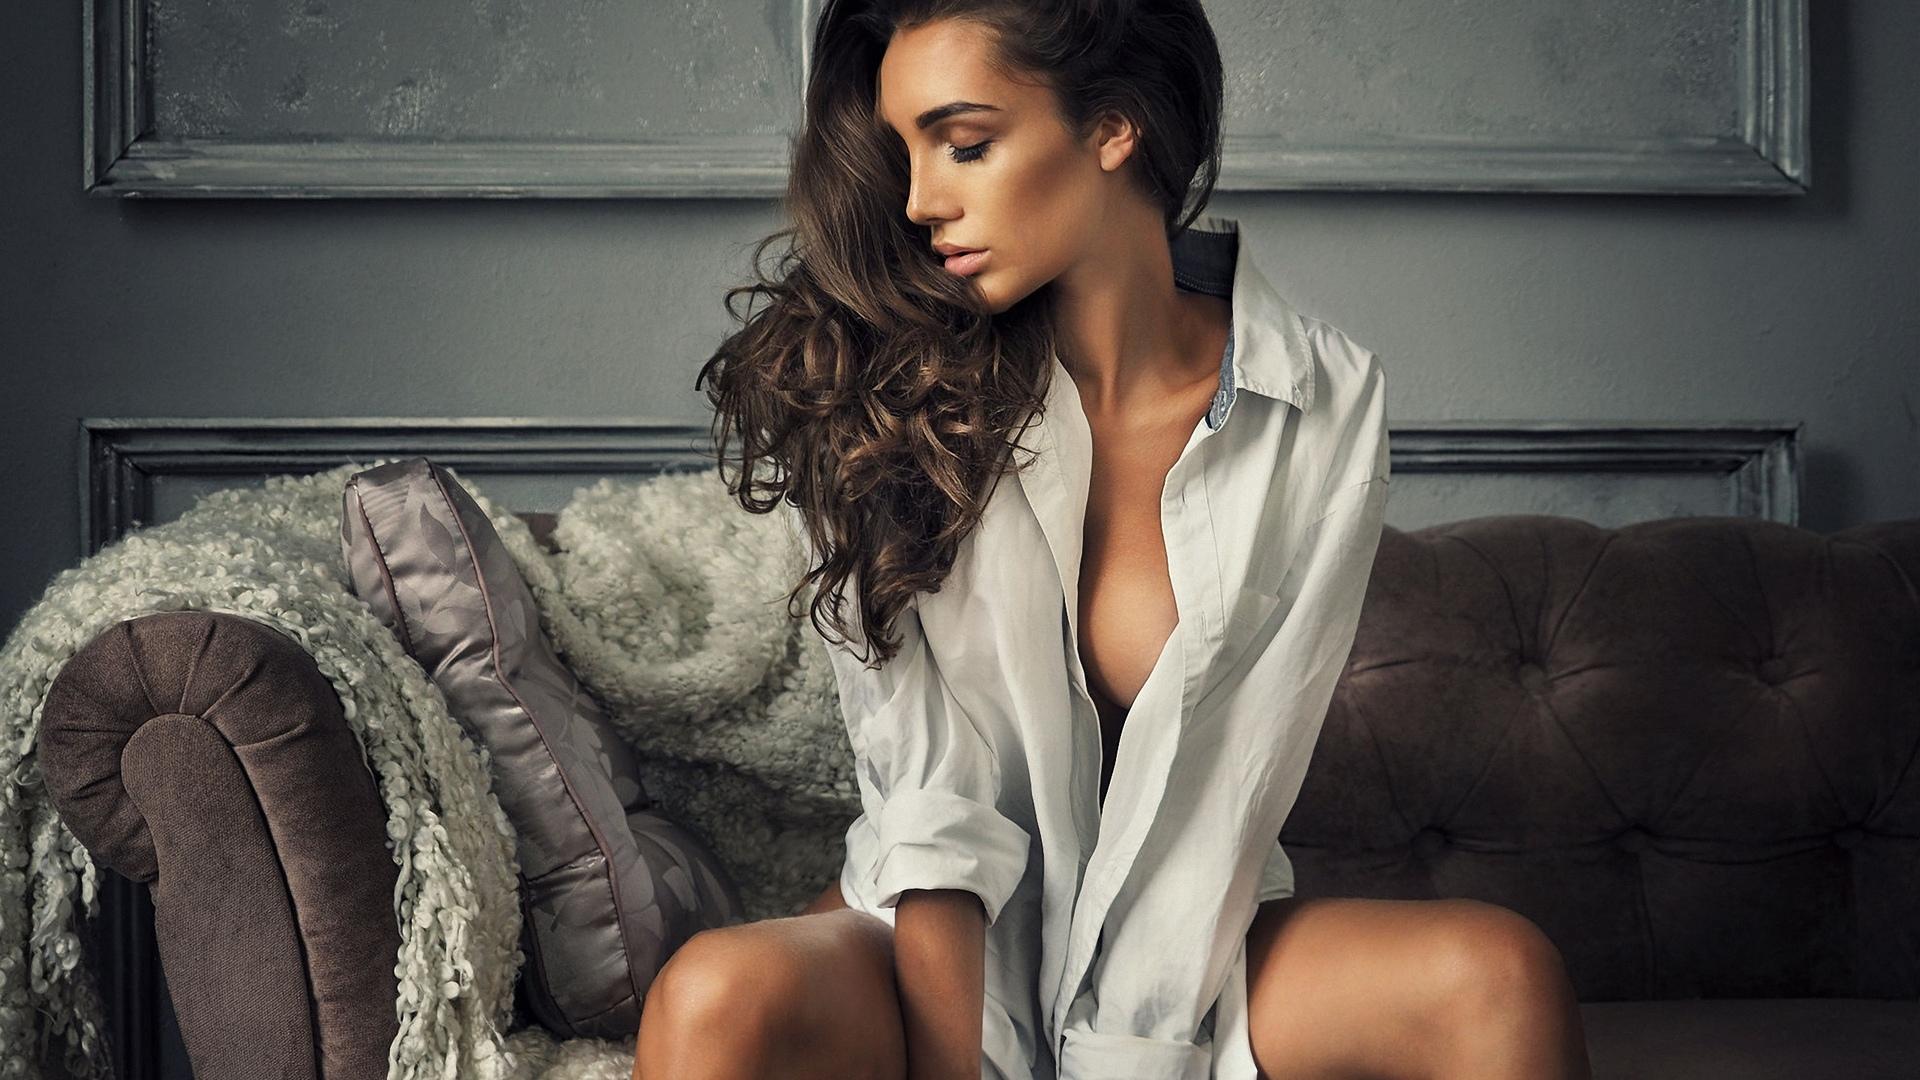 девушка, в рубашке, проф фото